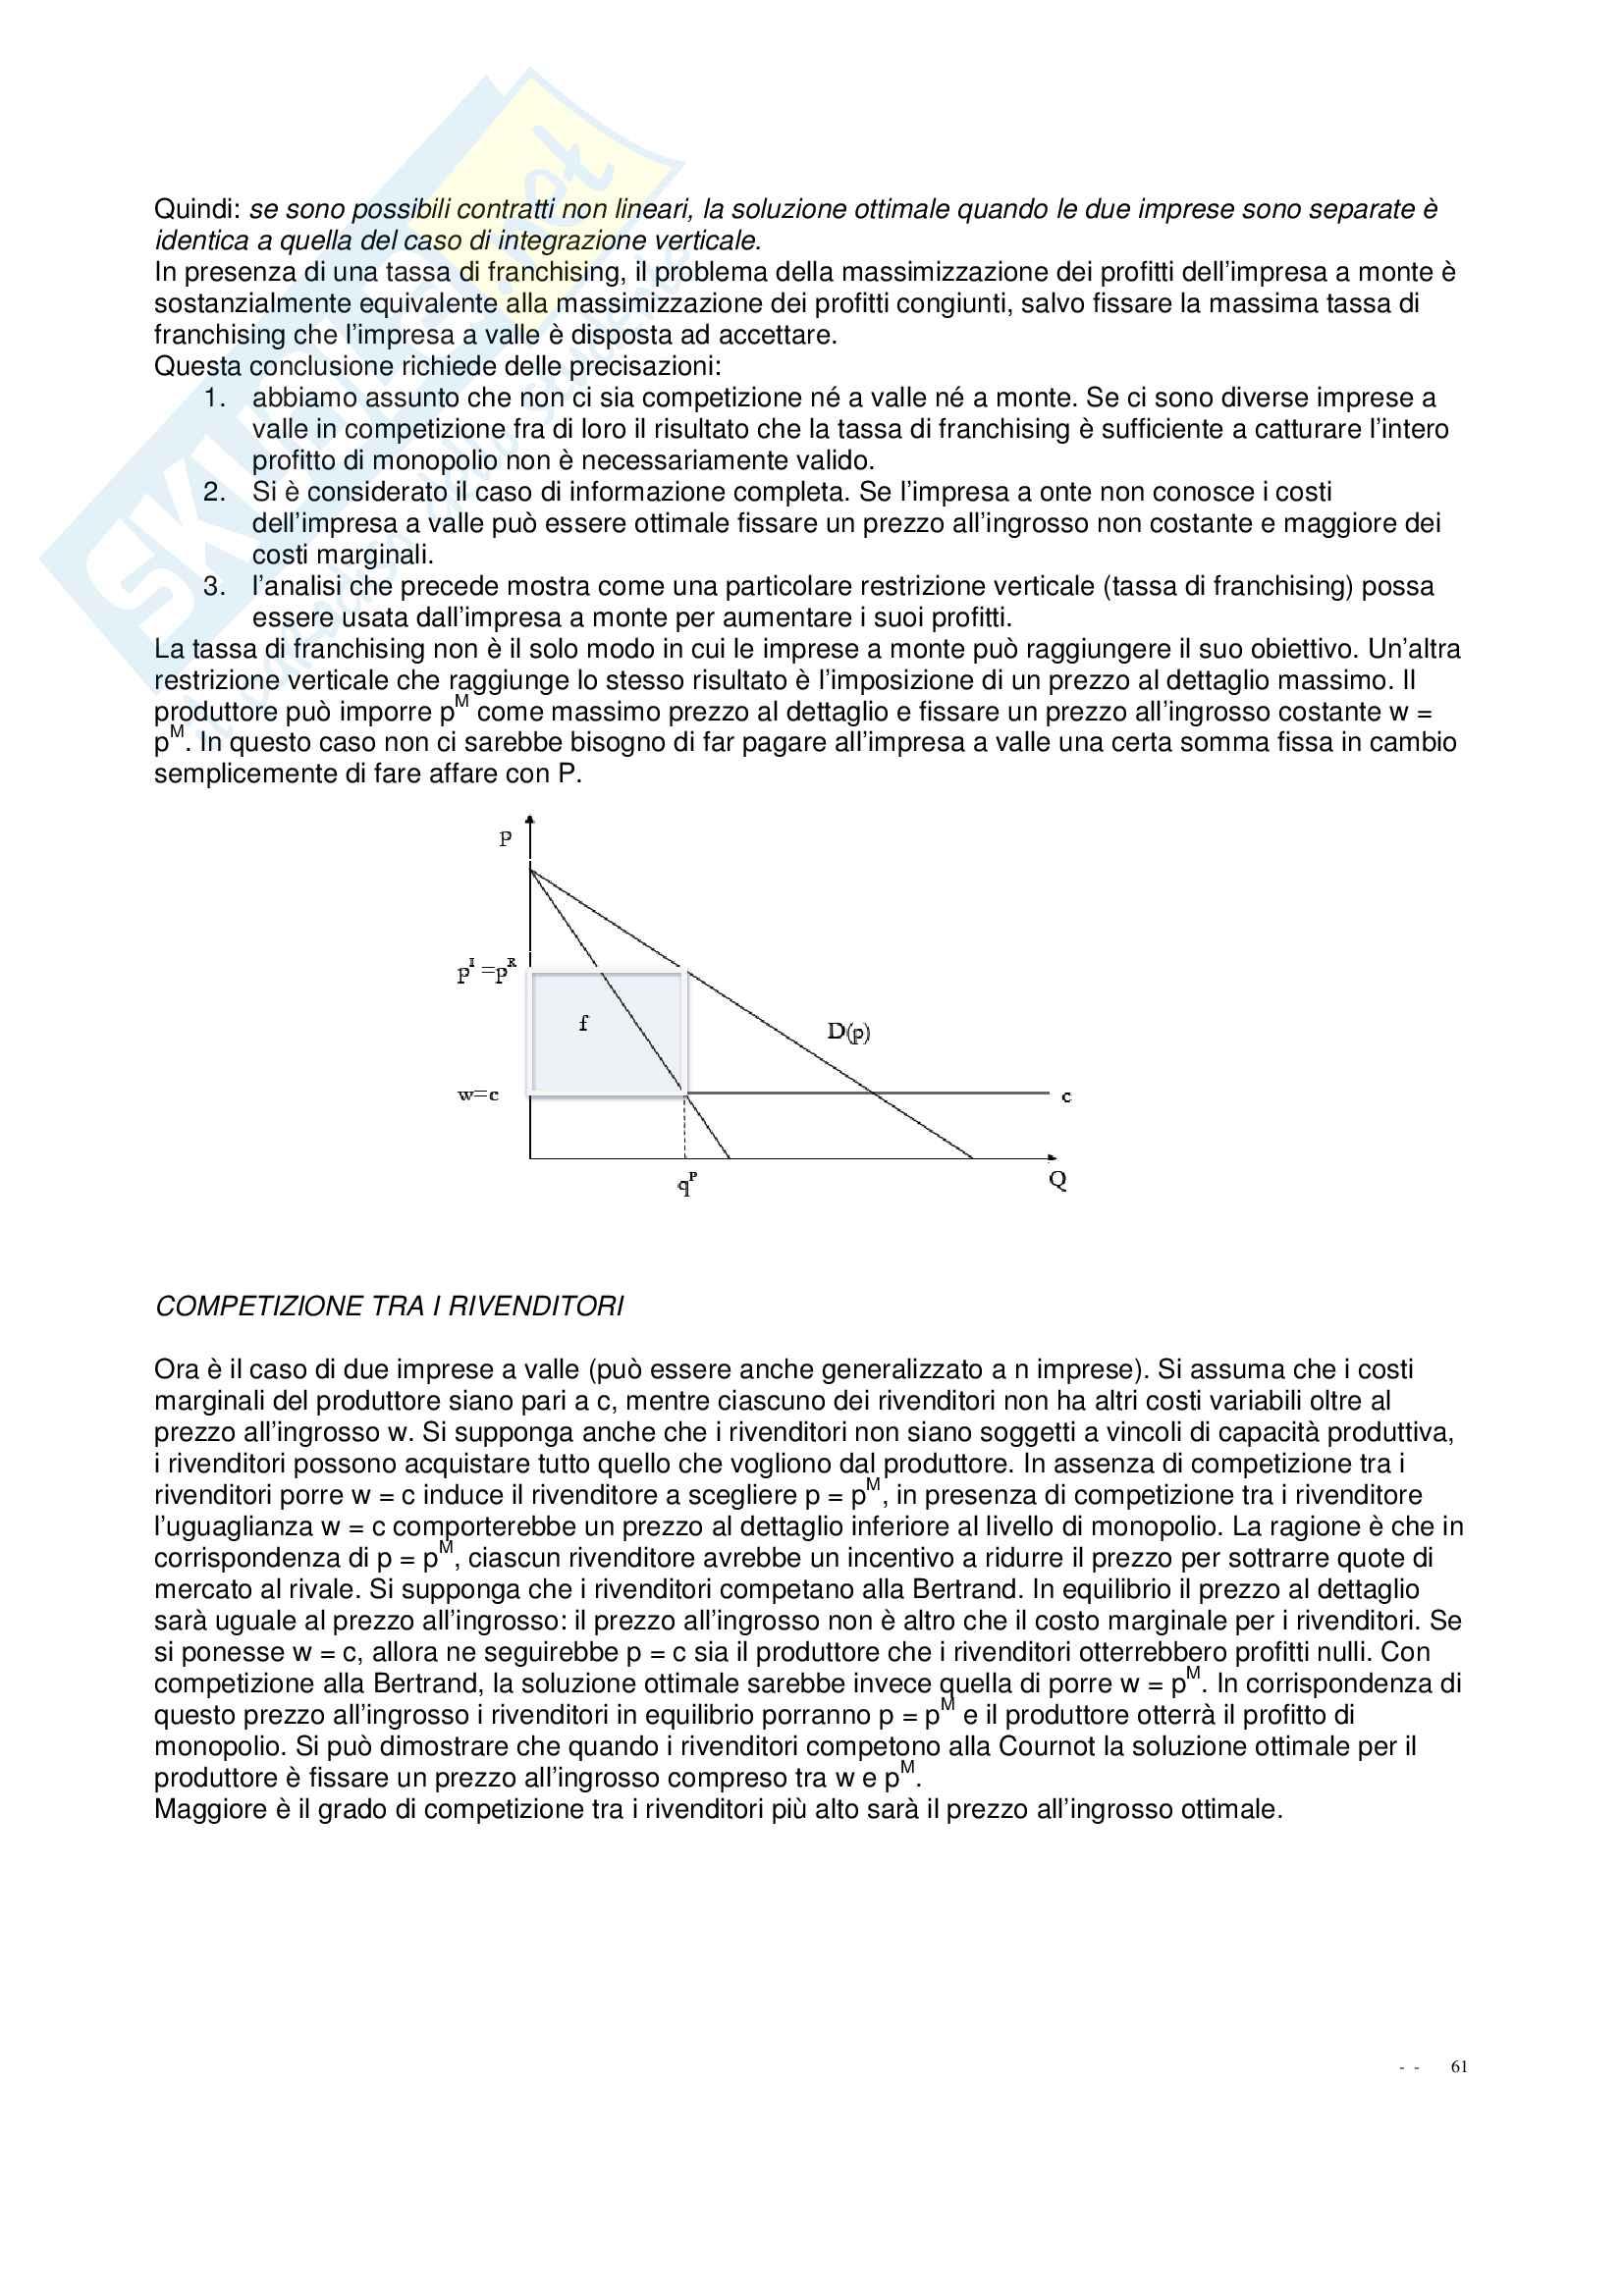 """Riassunto esame Economia Industriale, docente Qualsiasi, libro consigliato """"Economia Industriale"""", di Bernardo Pag. 61"""